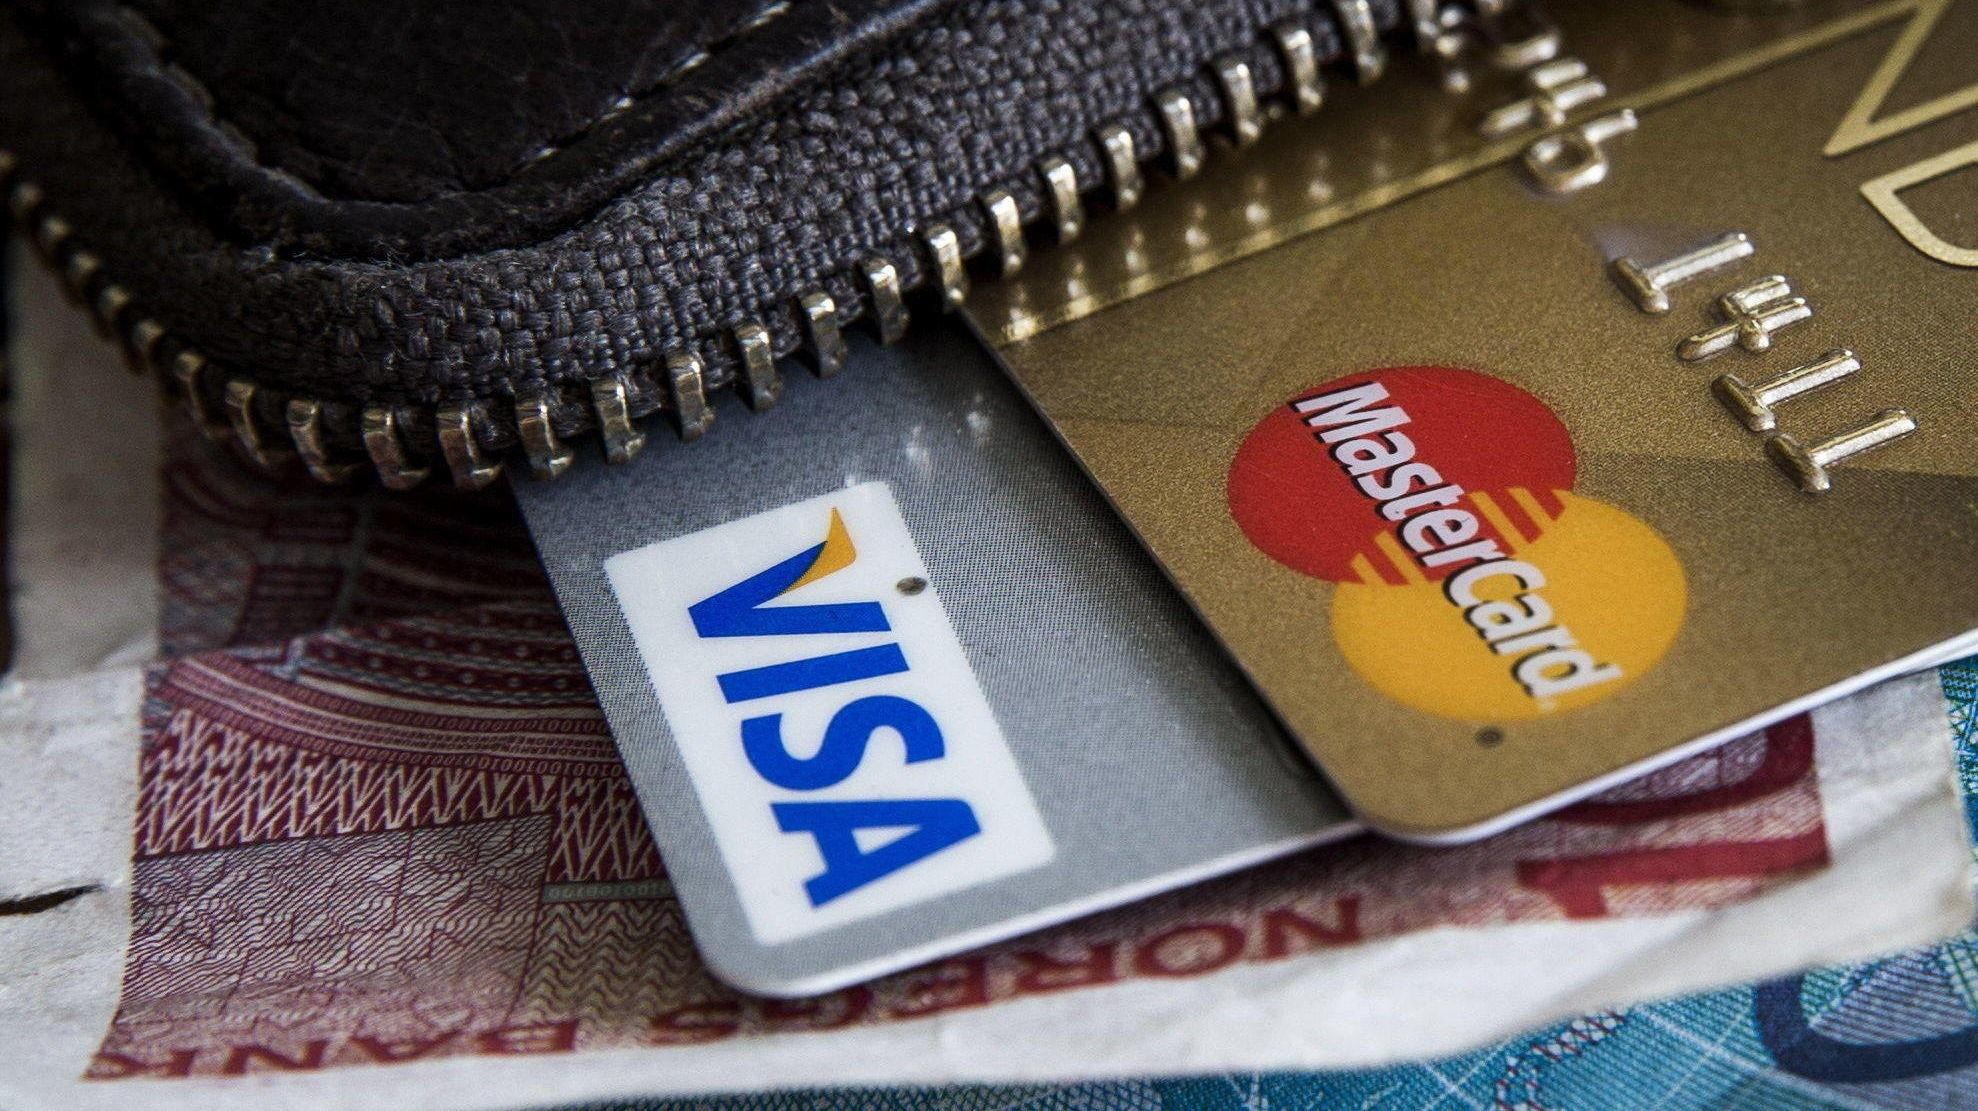 Alt fra småbeløp i netthandel til millionbeløp i forbruksgjeld kan bli resultatet hvis noen klarer å stjele din identitet.